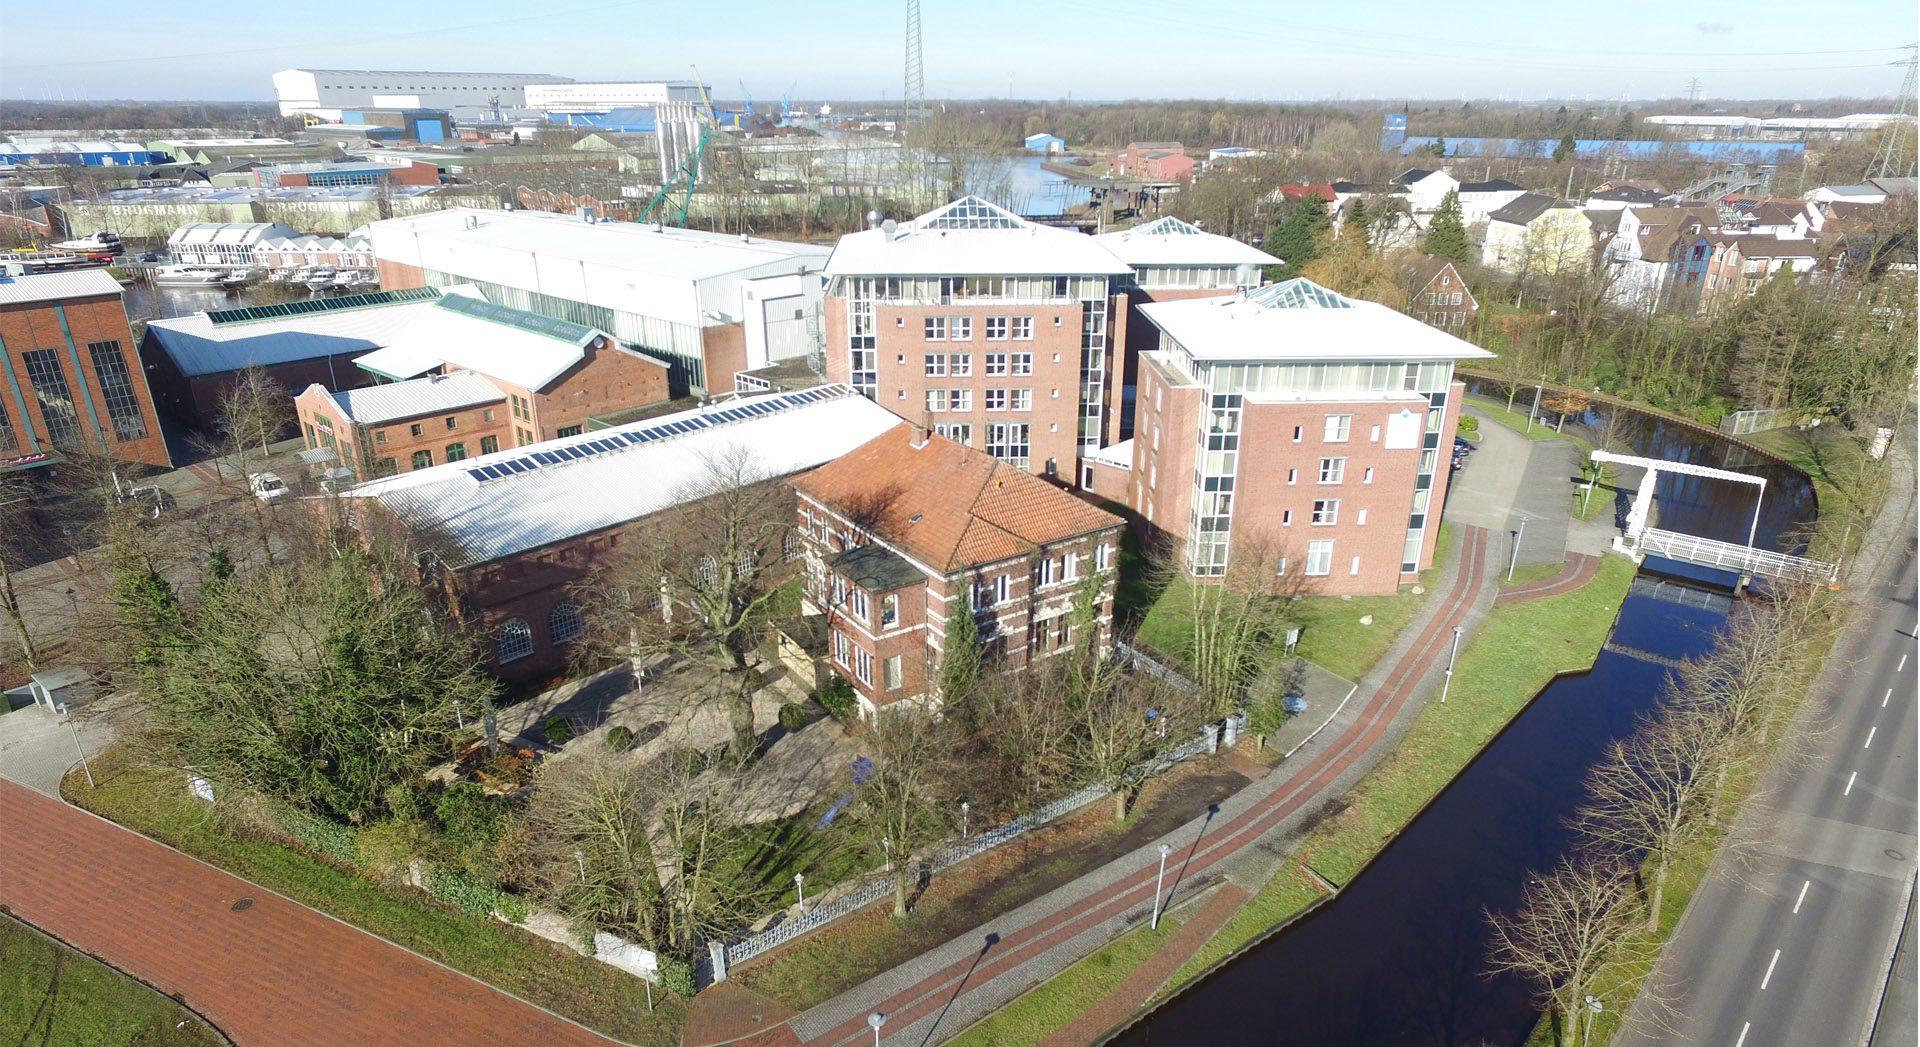 Architektur; Gewerbearchitektur; Veranstaltung; Restaurant; Hotel Alte Werft; Alte Werft Papenburg; Papenburg;